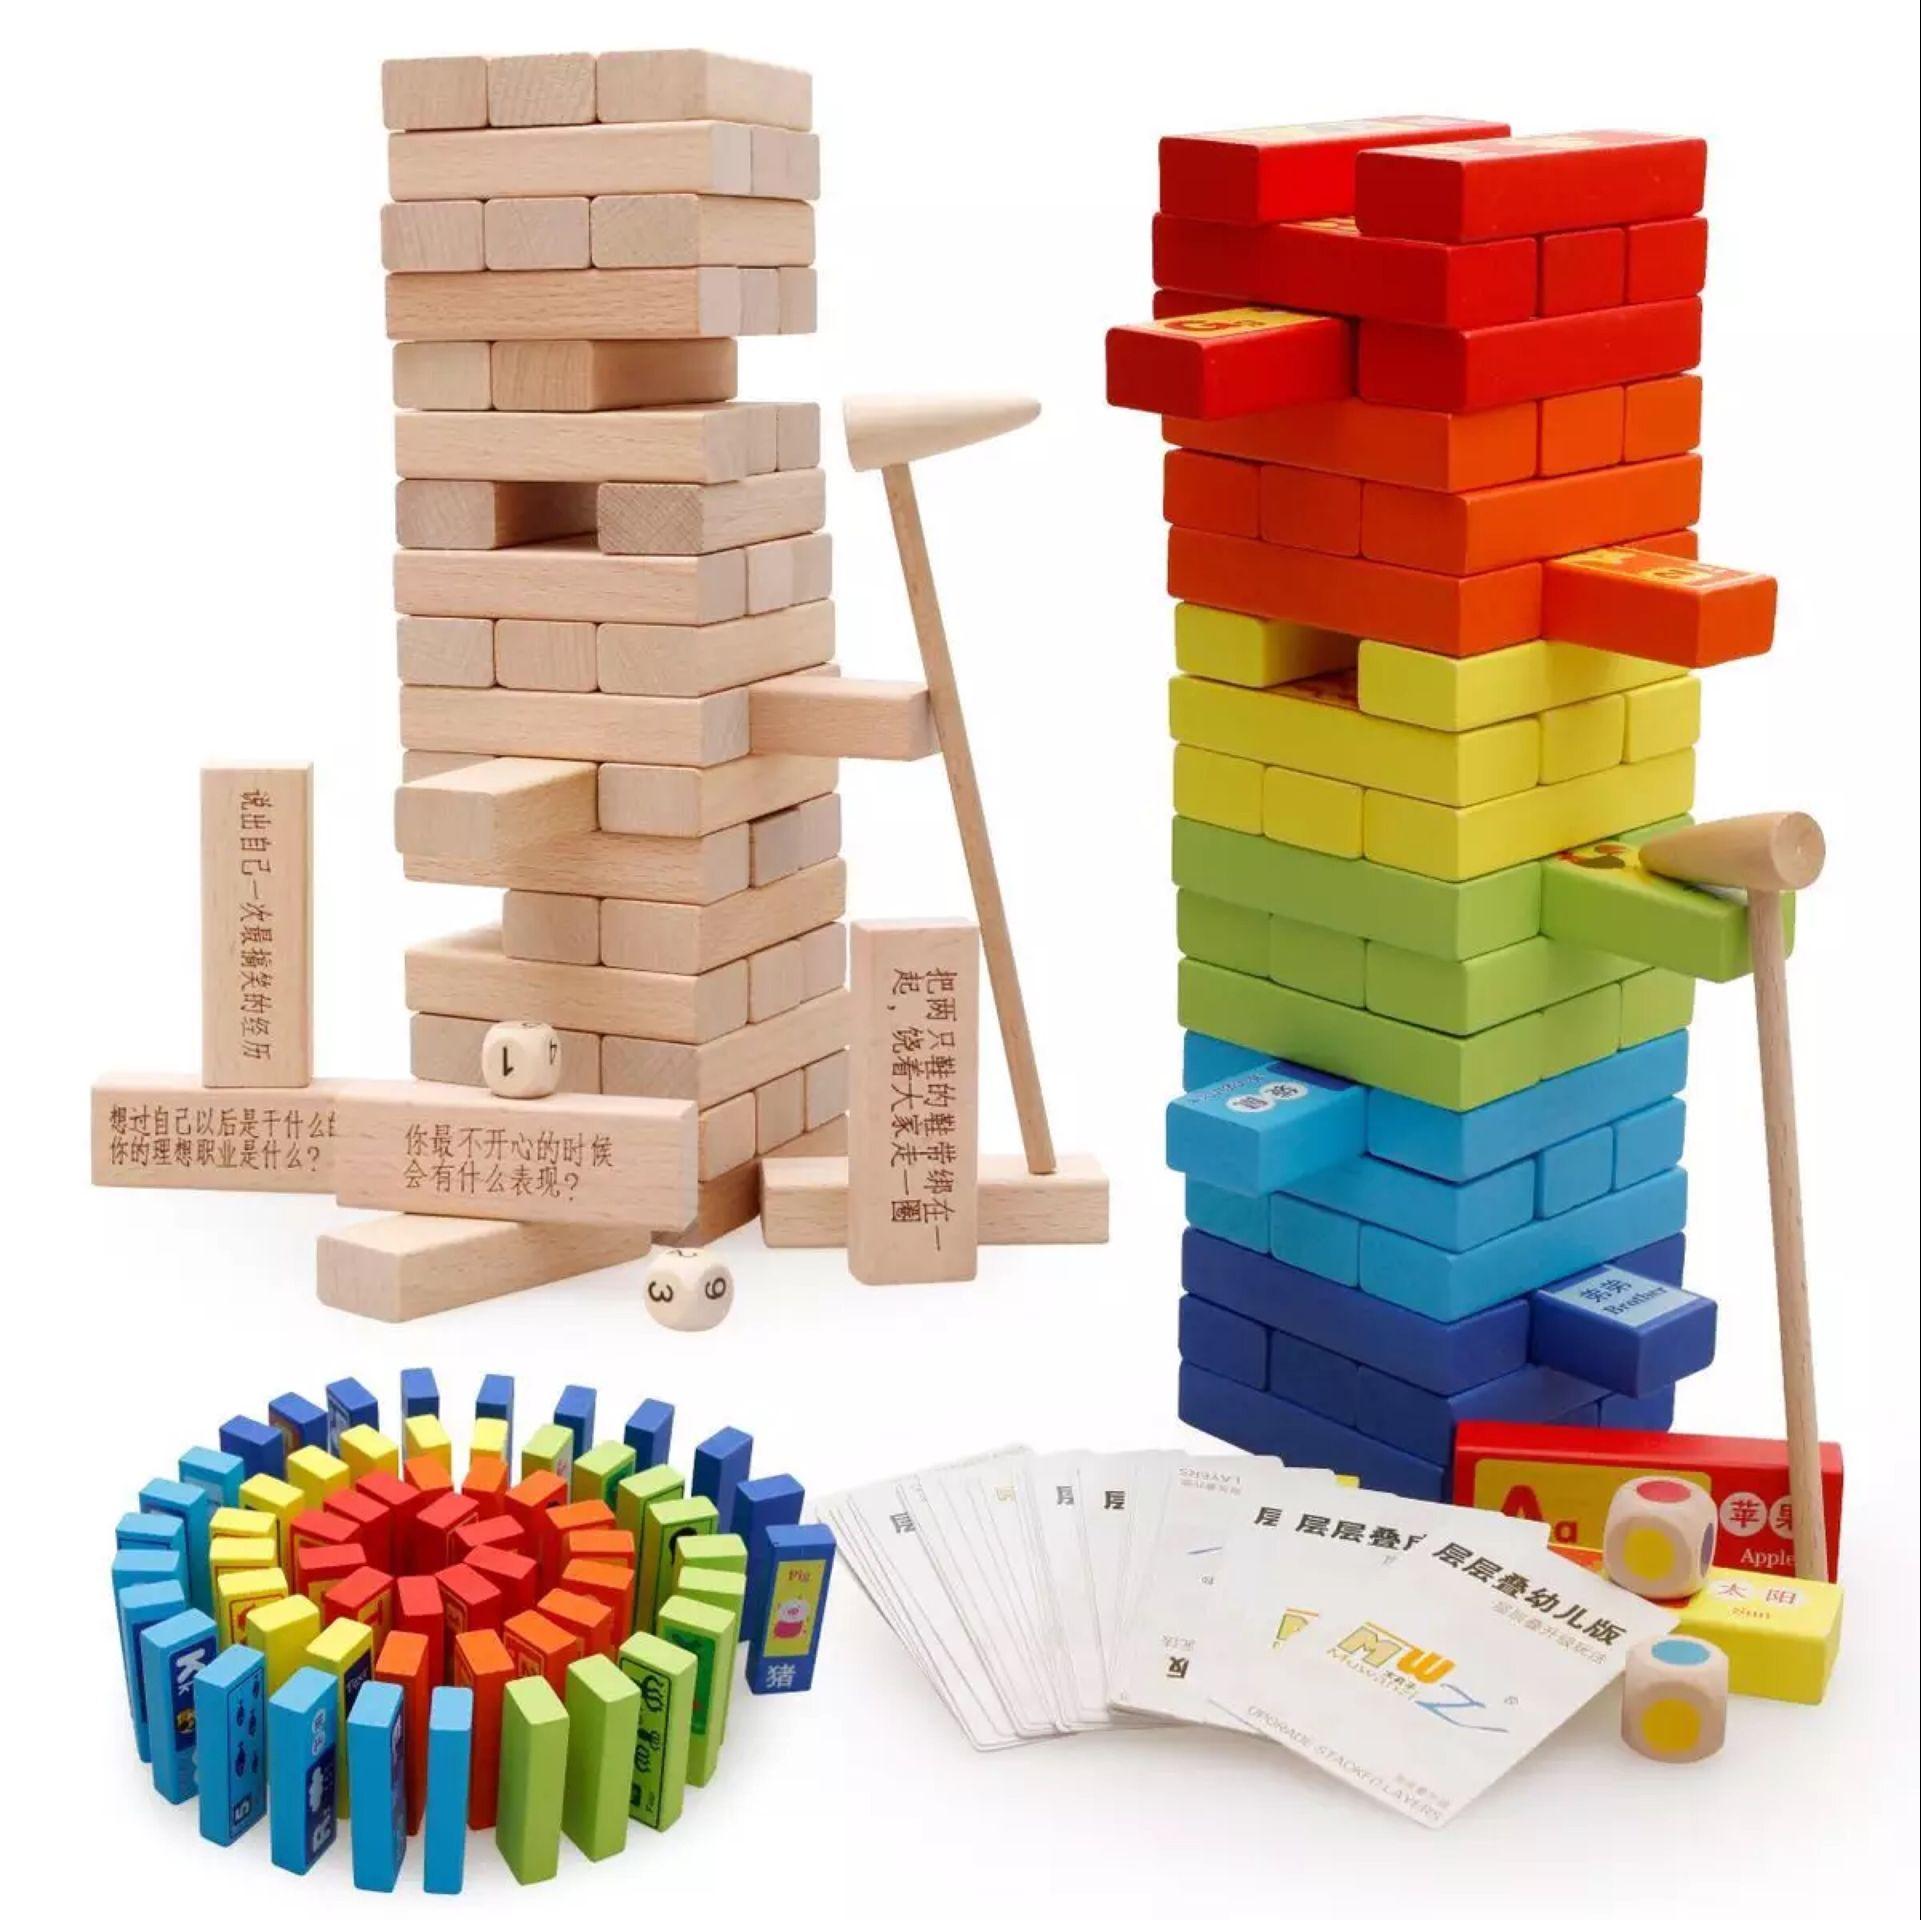 儿童益智力数字叠叠高抽垒积木成人层层叠游戏叠叠乐亲子桌游玩具